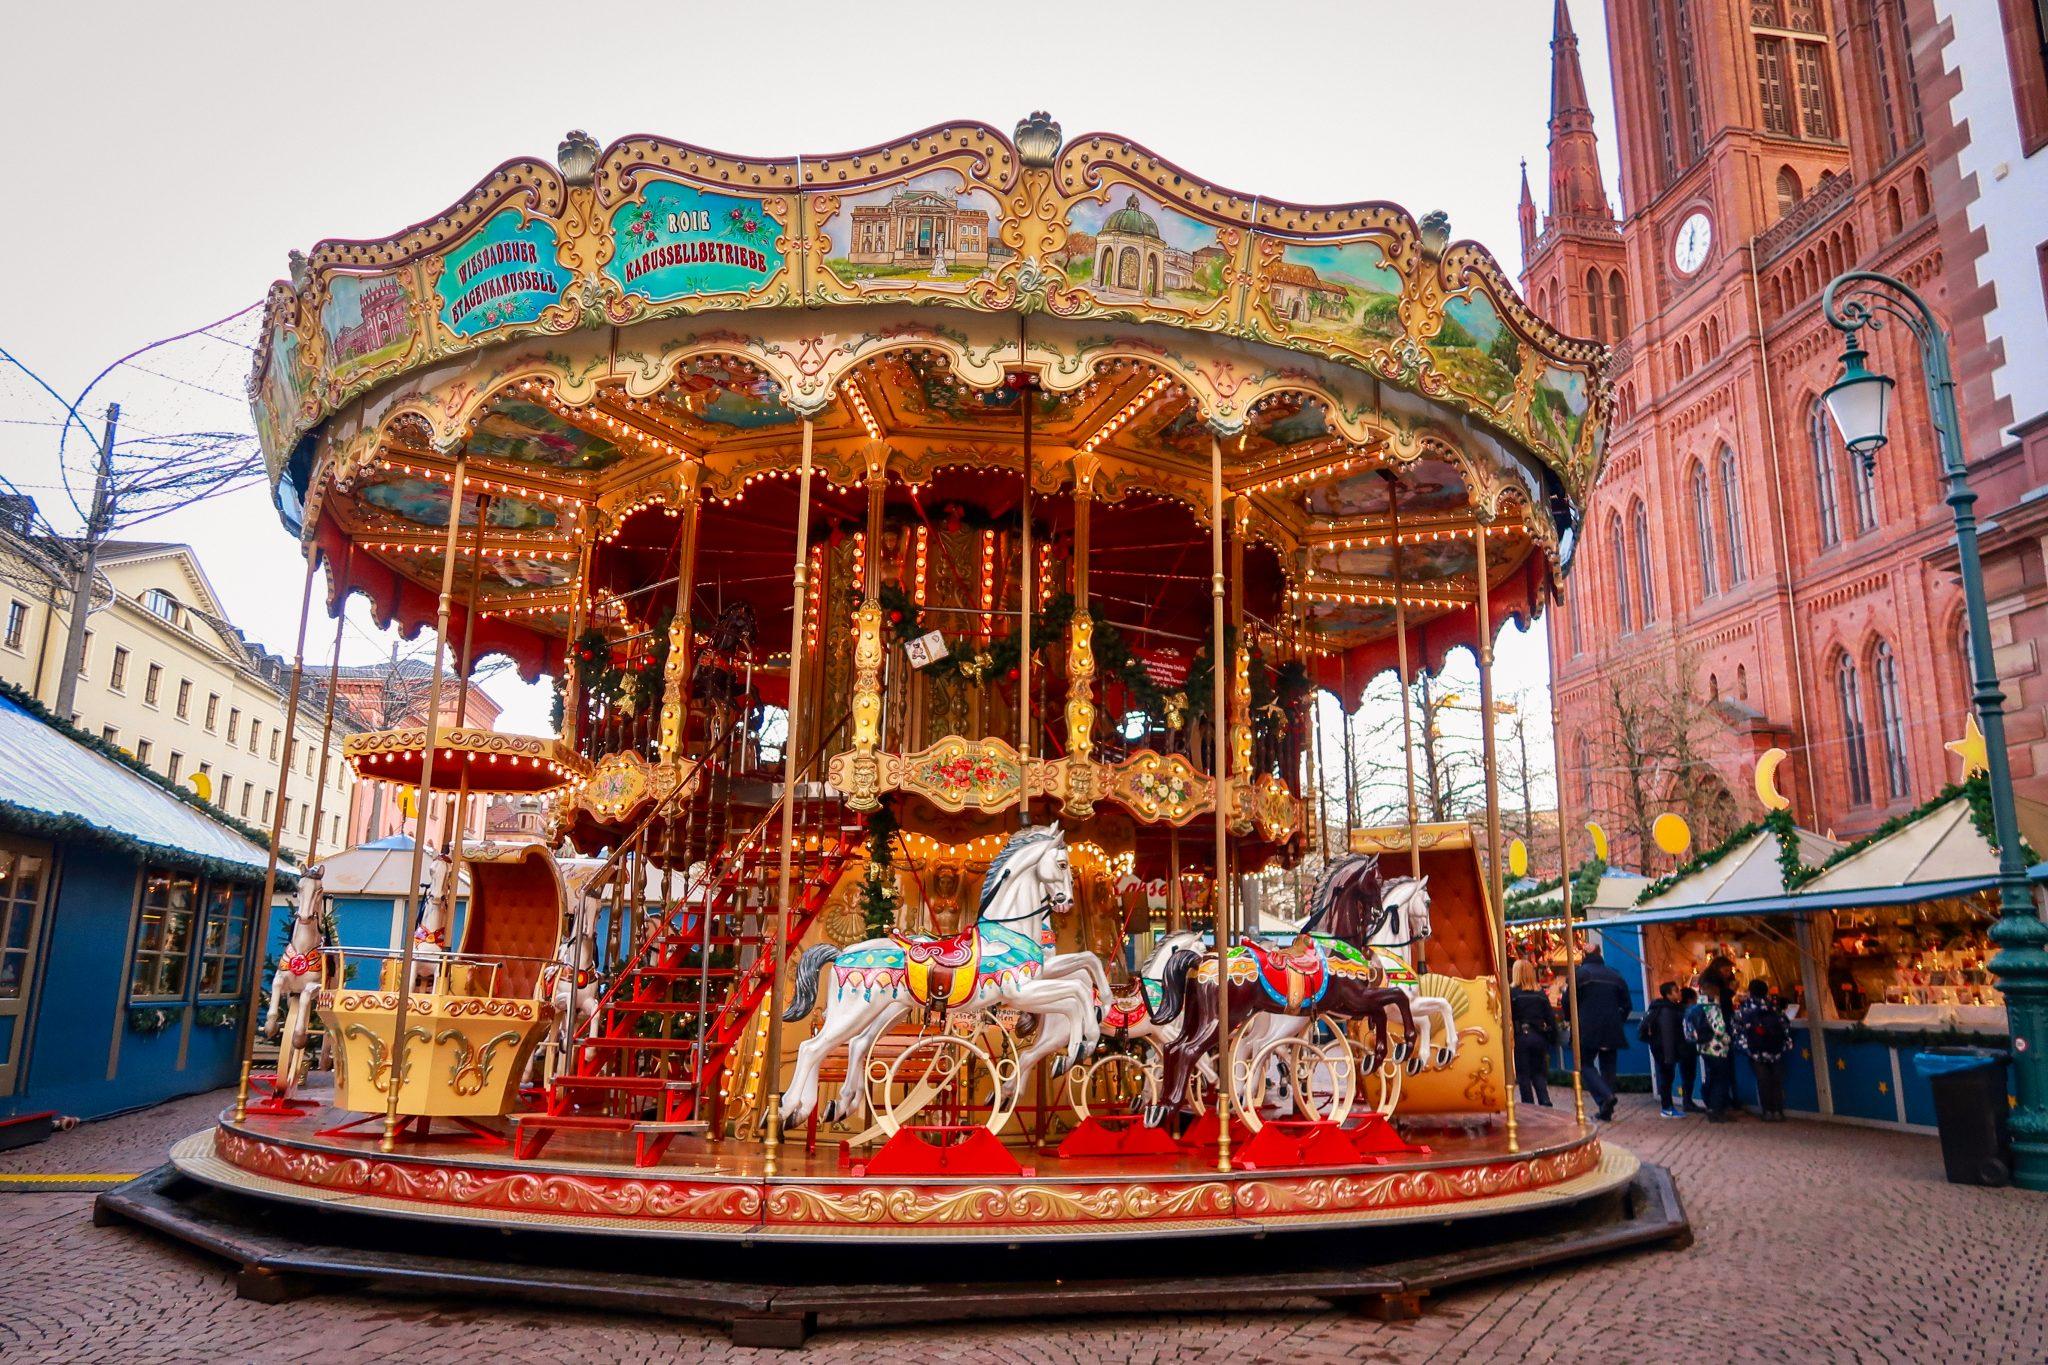 Wiesbaden, Sternschnuppenmarkt: Auf dem Karussell wird das historische Wiesbaden dargestellt. Diese künstlerischen Darstellungen wurden in Handarbeit angefertigt.